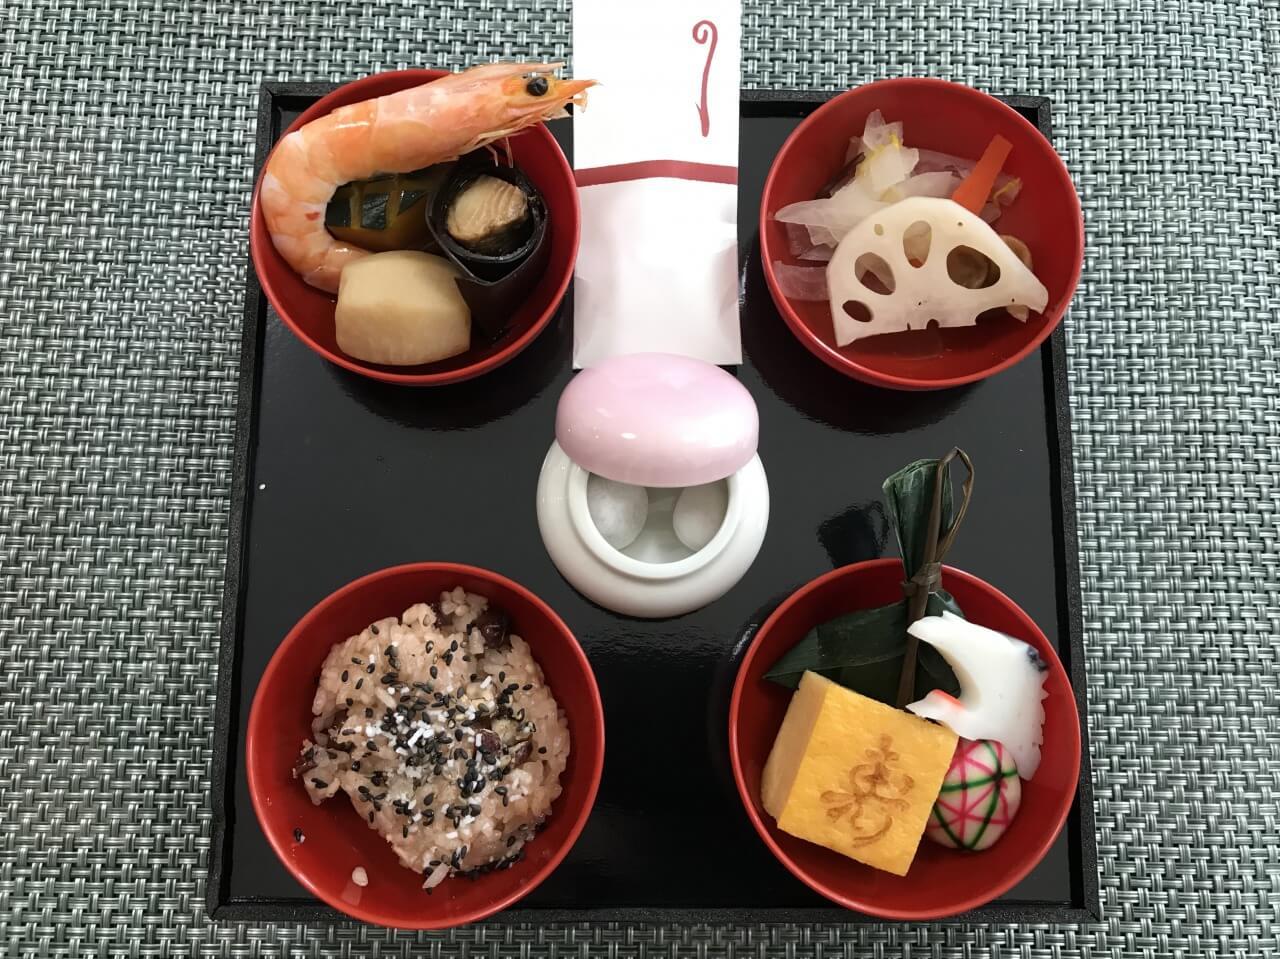 季膳味和 お食い初め料理セット 初膳